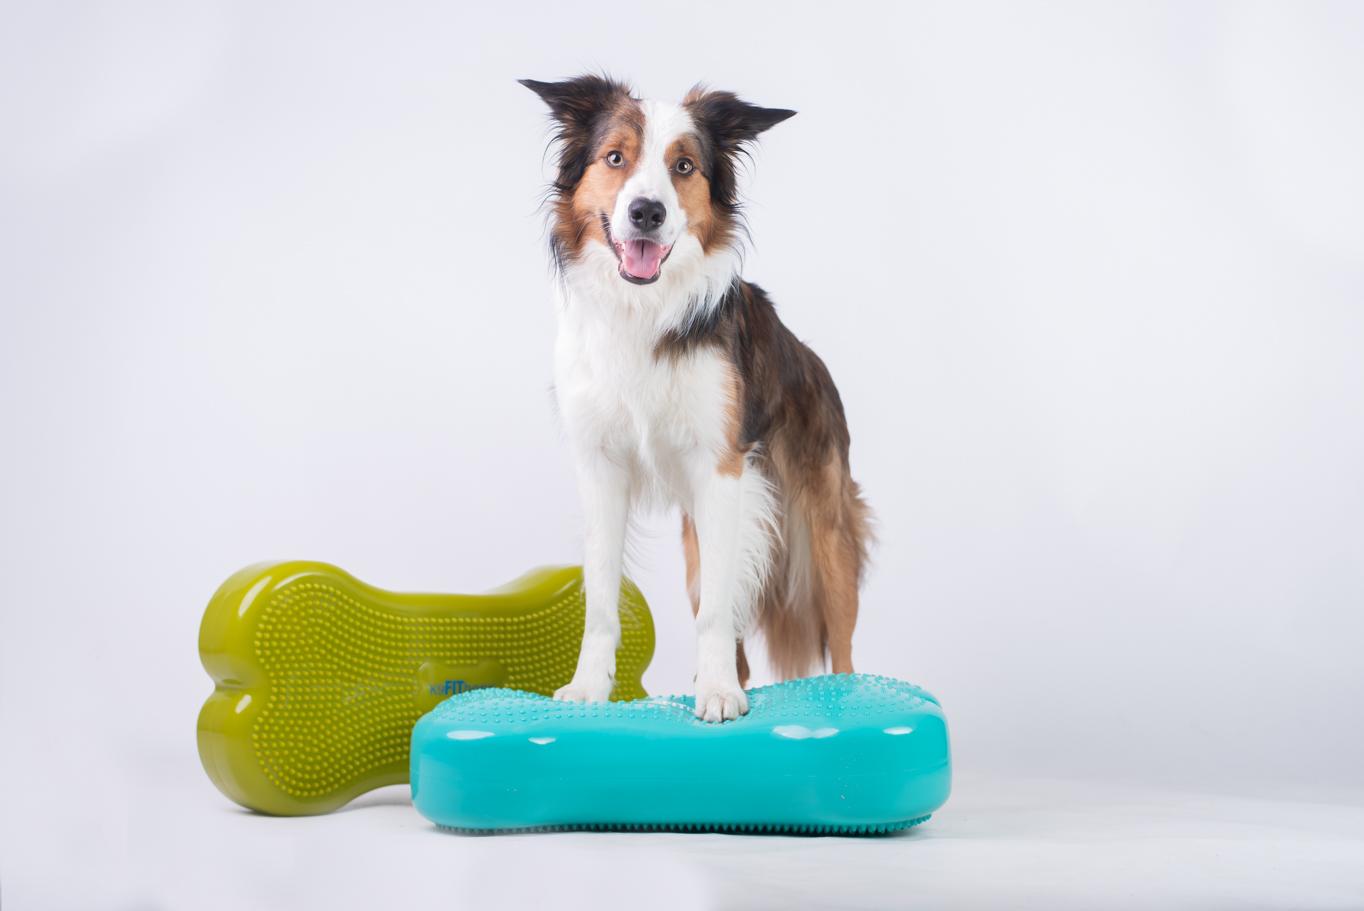 Cvičení na balančních pomůckách, neboli Dogfitness